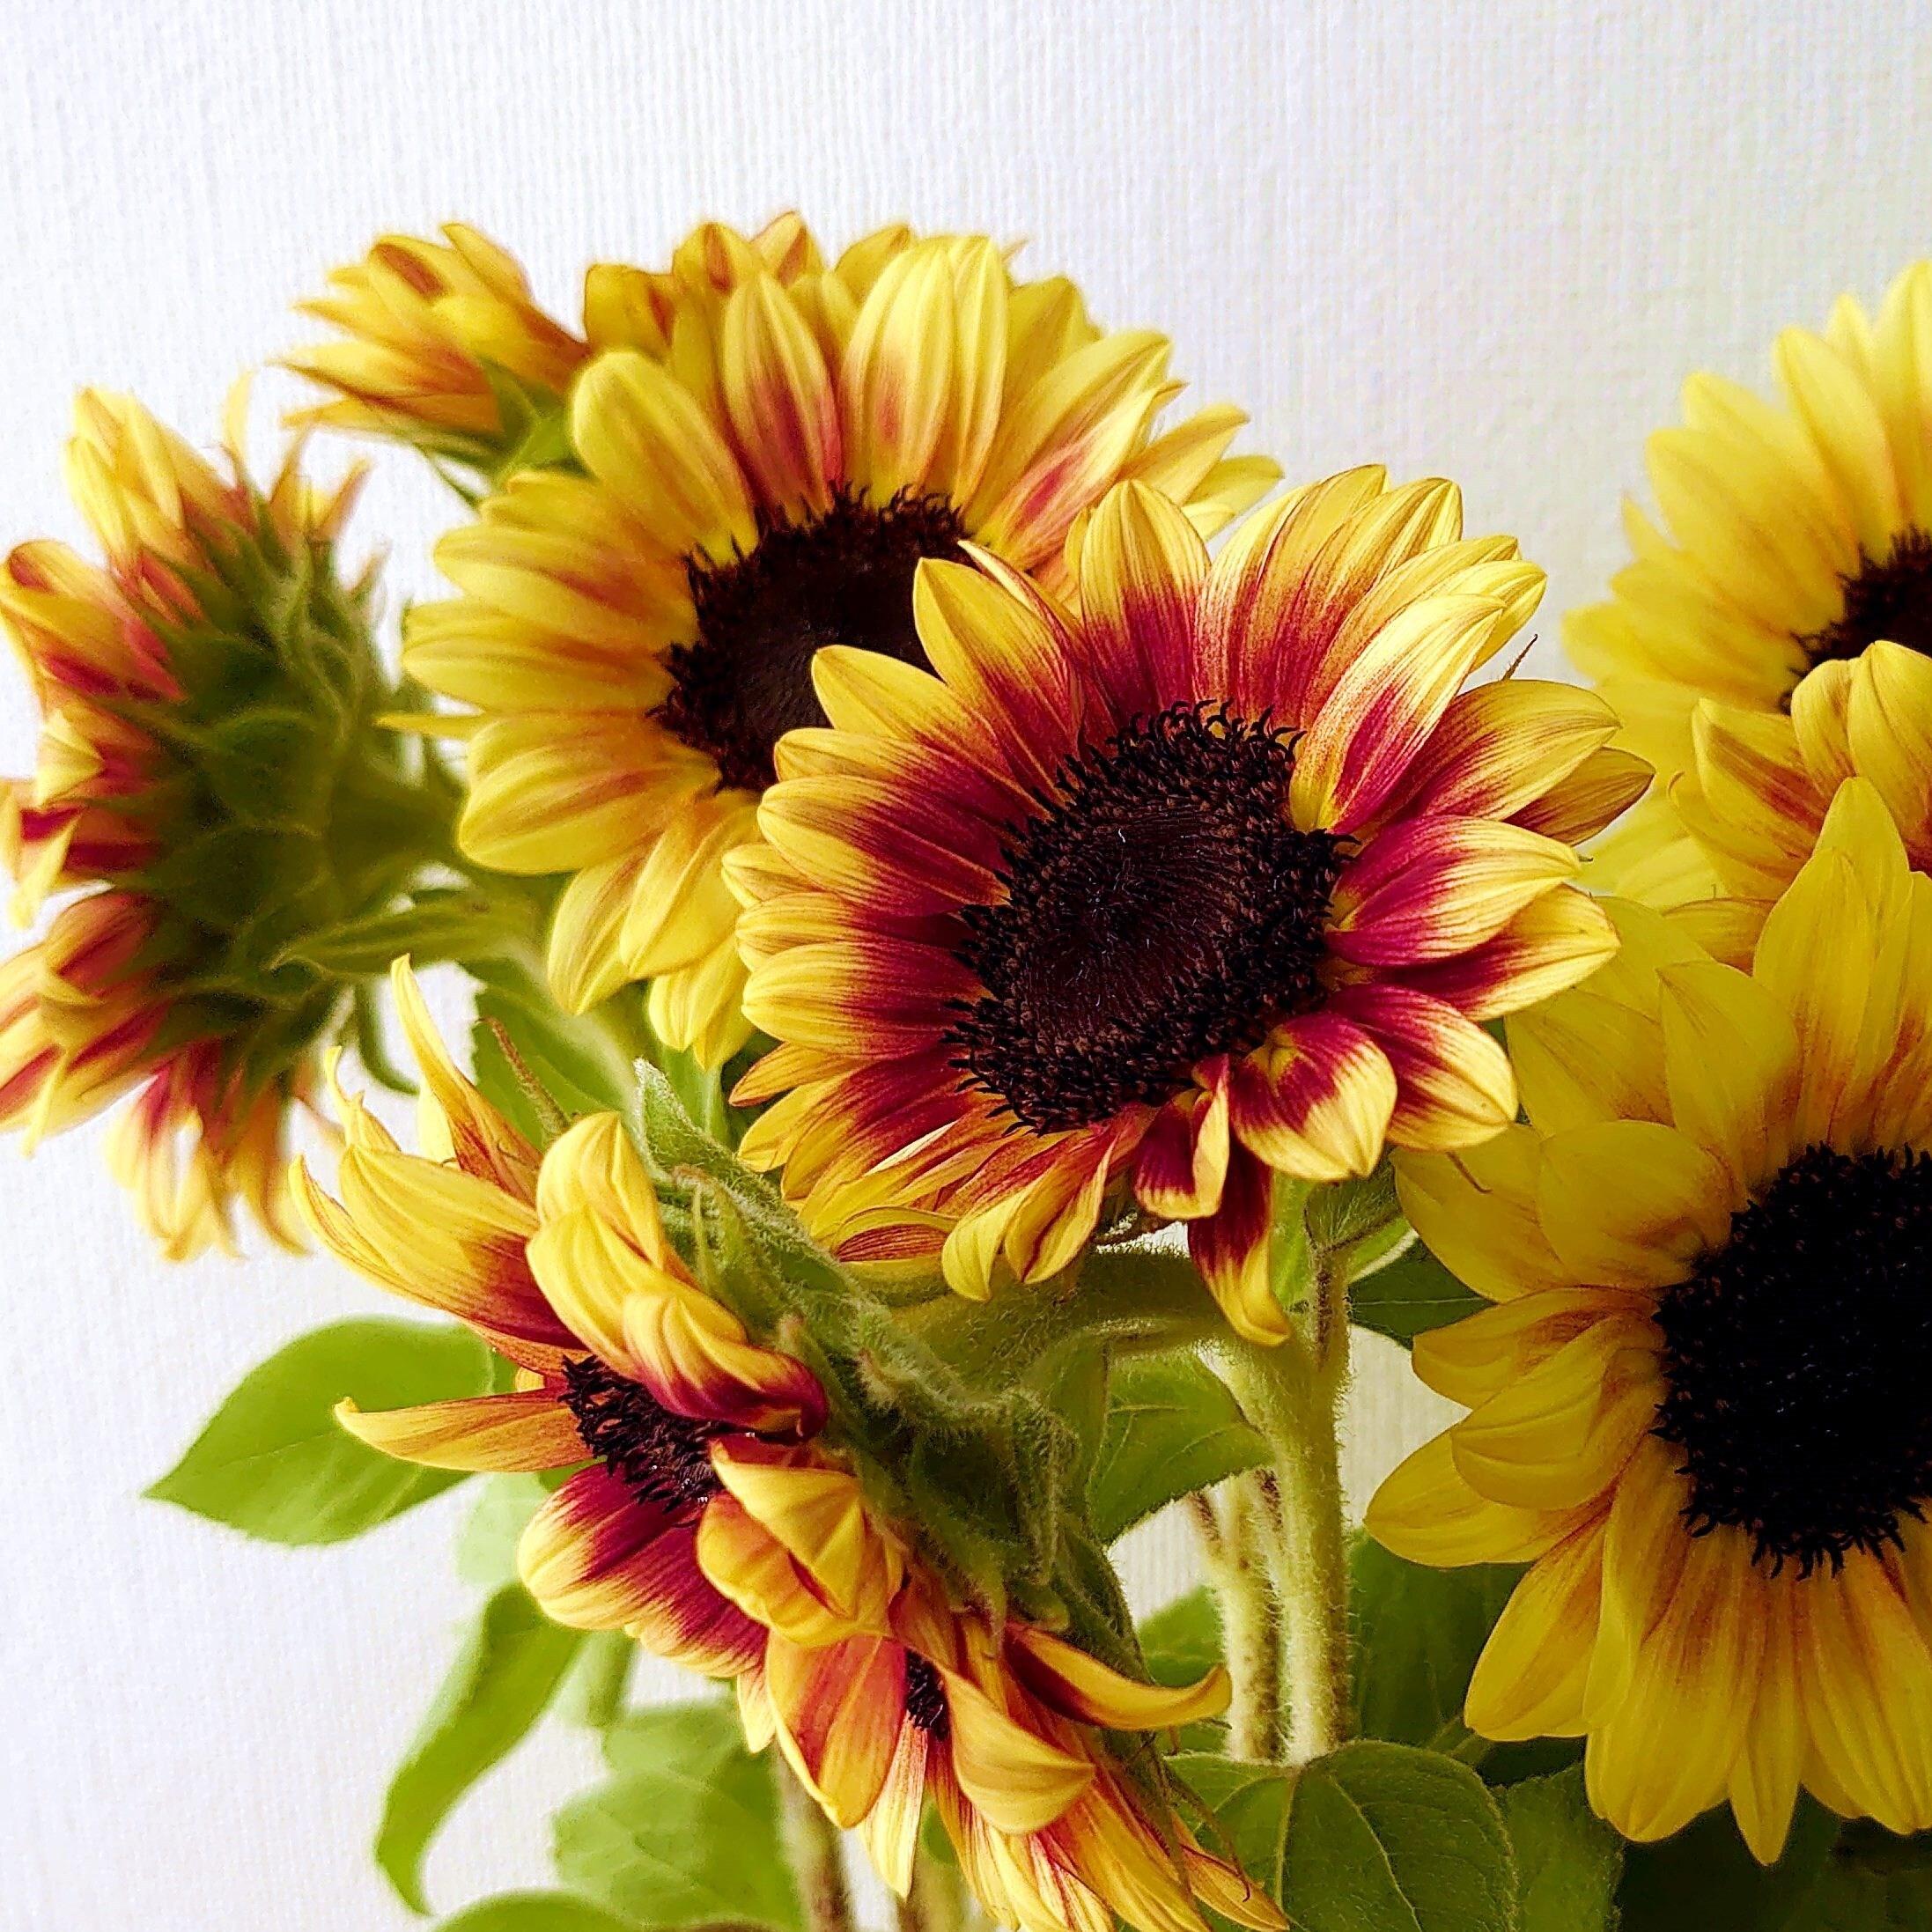 絵画の様な秋色のひまわりで元気をチャージしよう!! 北海道産サンリッチ ライチ 20本